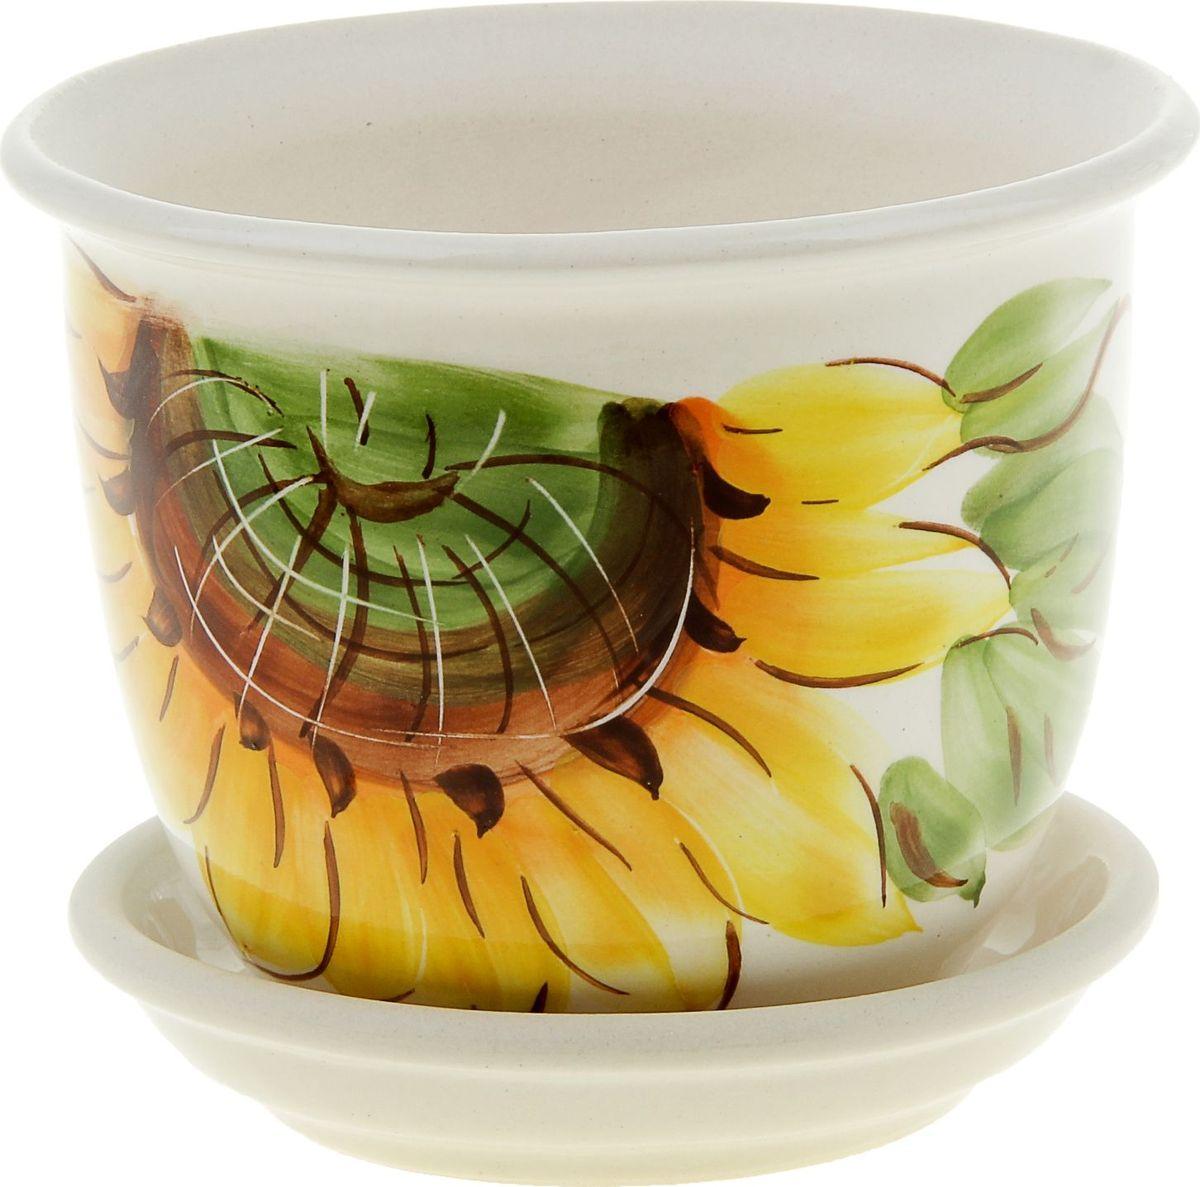 Кашпо Керамика ручной работы Классик. Подсолнух, 0,5 л835608Комнатные растения — всеобщие любимцы. Они радуют глаз, насыщают помещение кислородом и украшают пространство. Каждому из них необходим свой удобный и красивый дом. Кашпо из керамики прекрасно подходят для высадки растений: за счёт пластичности глины и разных способов обработки существует великое множество форм и дизайновпористый материал позволяет испаряться лишней влагевоздух, необходимый для дыхания корней, проникает сквозь керамические стенки! #name# позаботится о зелёном питомце, освежит интерьер и подчеркнёт его стиль.